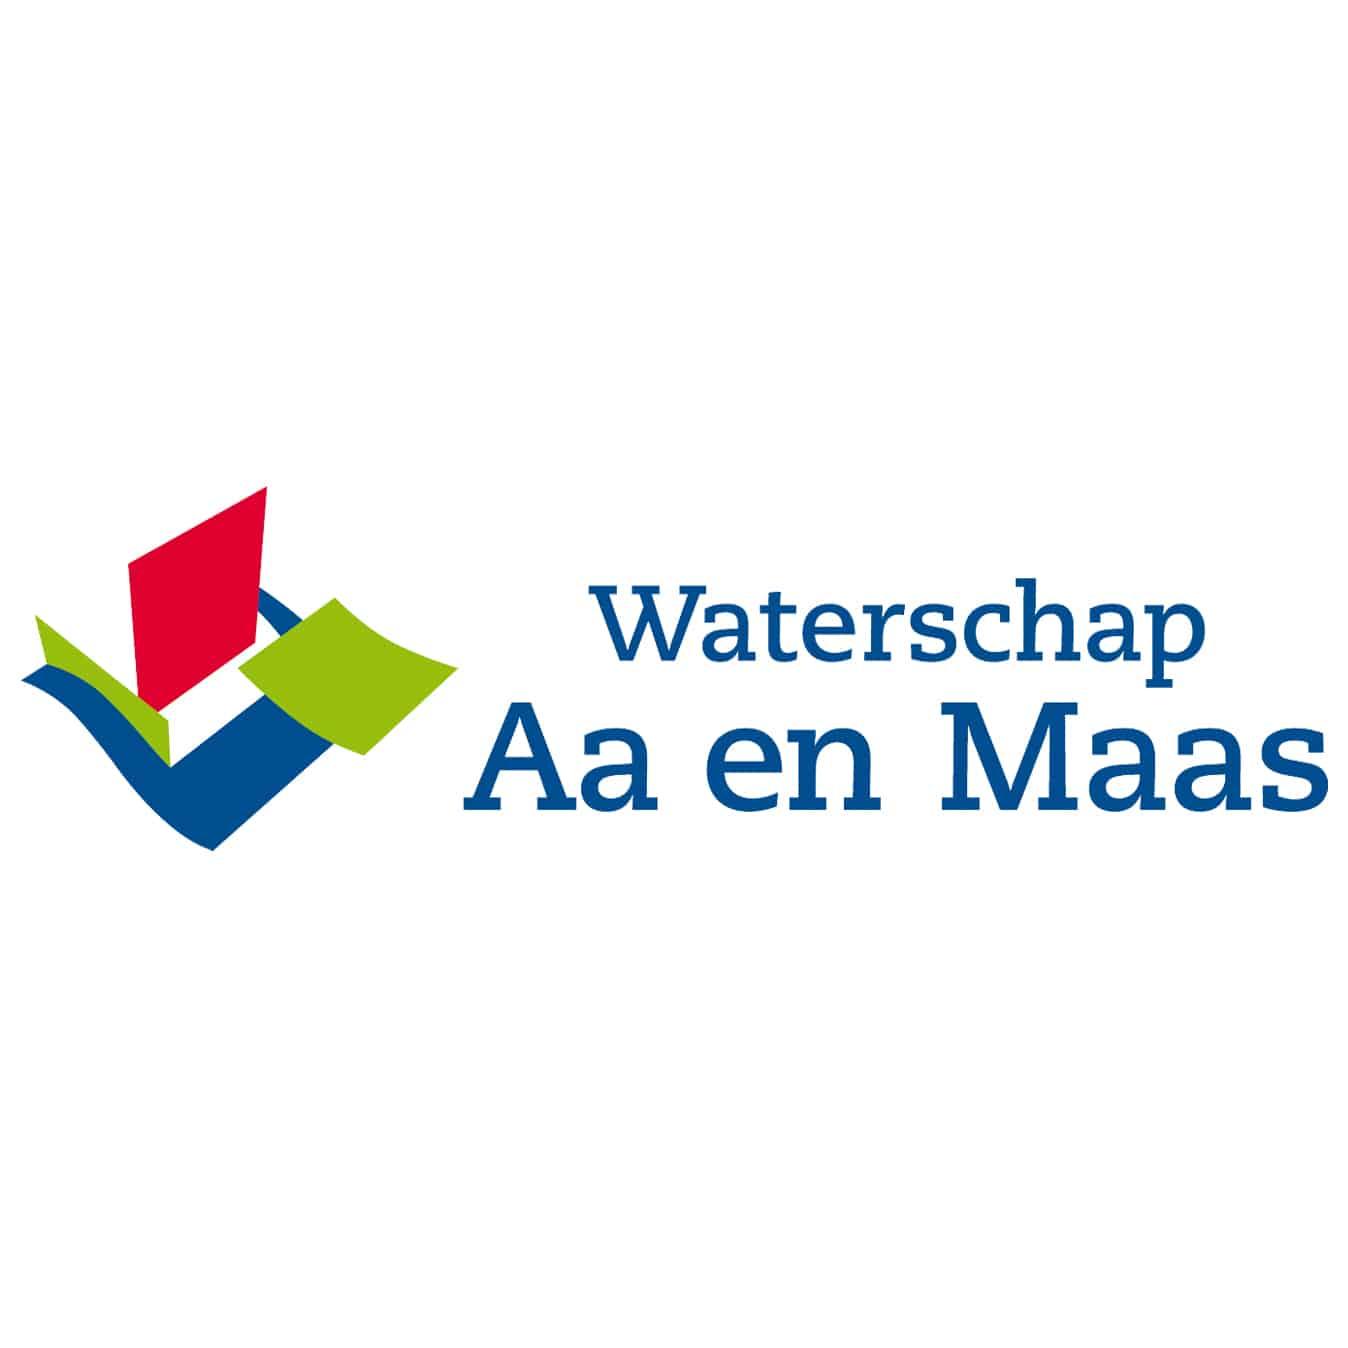 Waterschap AA en Maas samenwerking